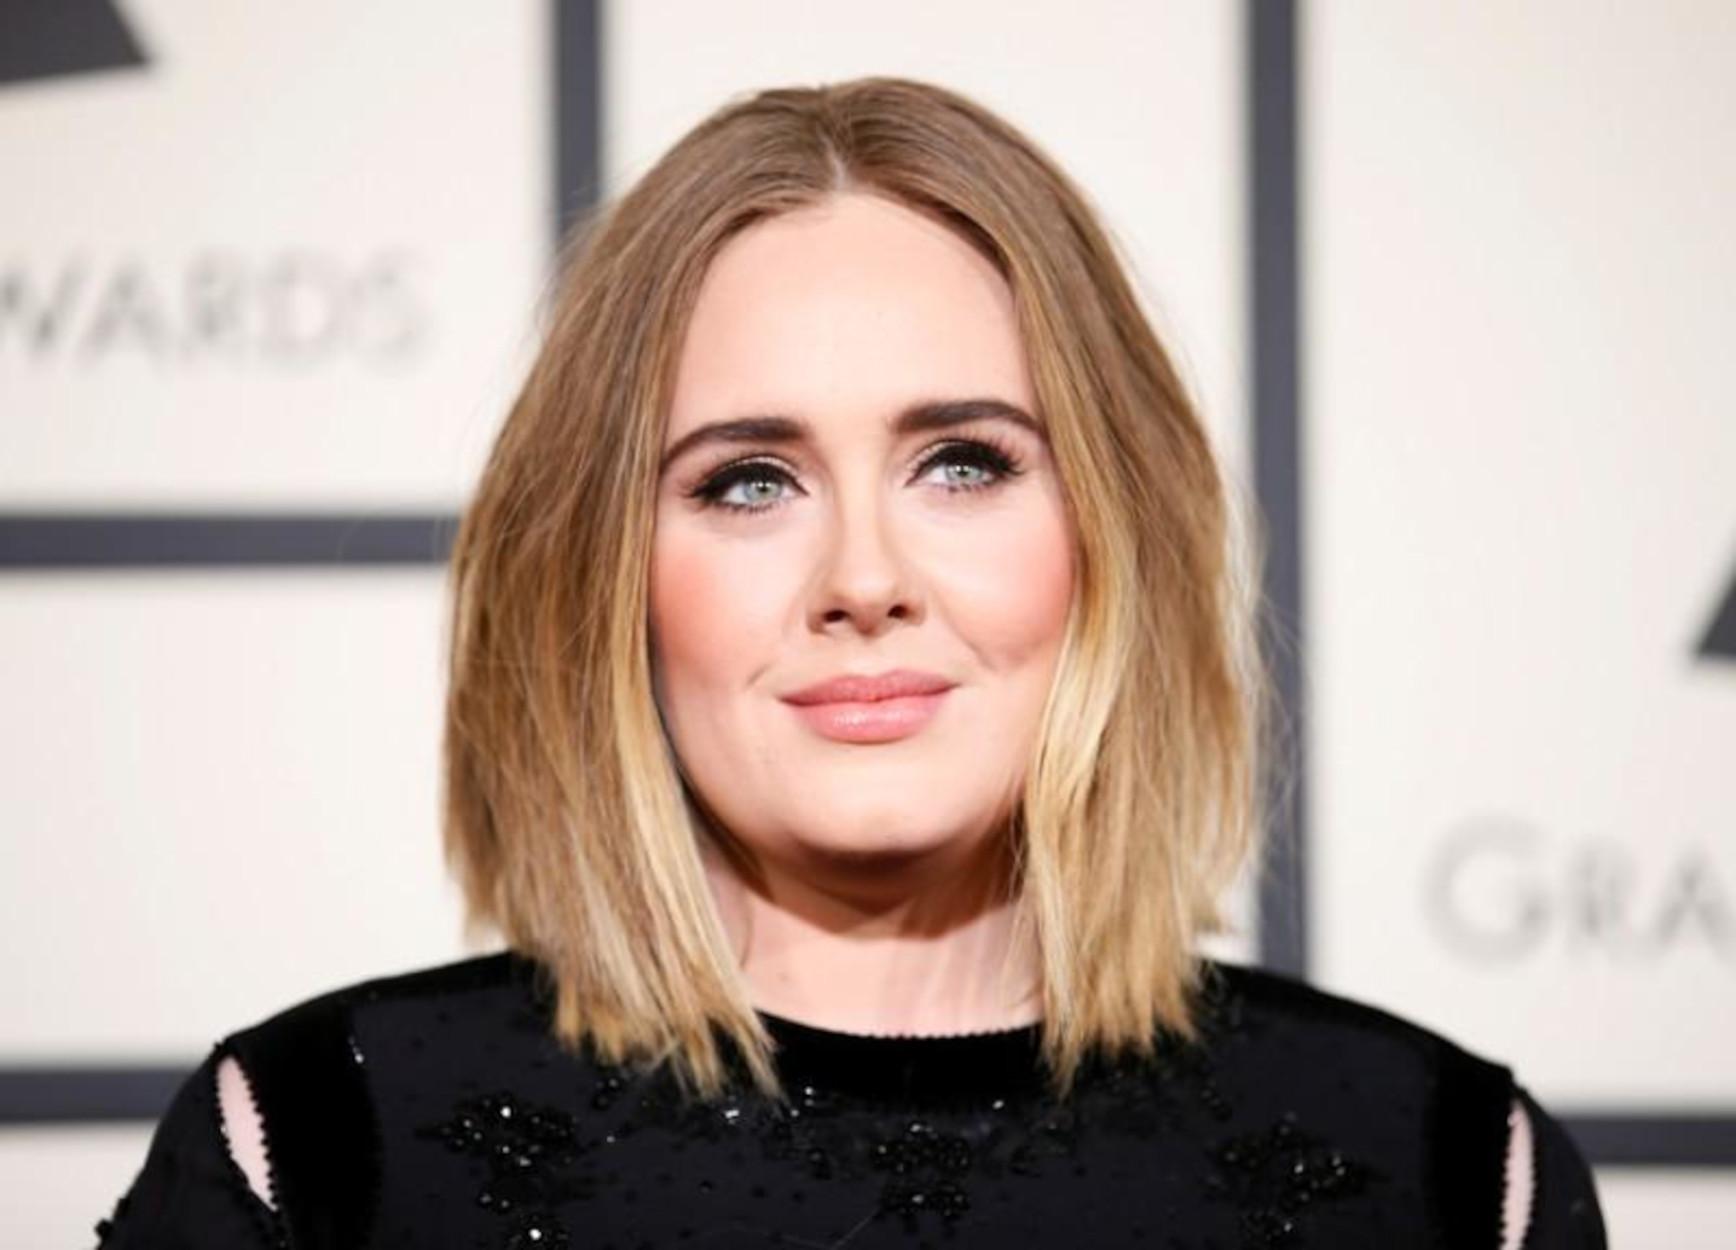 Βρετανία: Η Adele ανακηρύχτηκε κορυφαία καλλιτέχνιδα του αιώνα